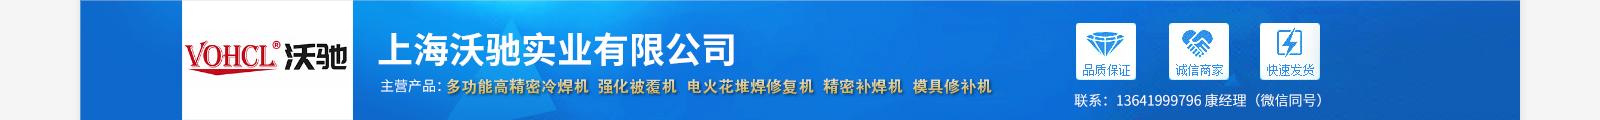 上海沃馳實業有限公司